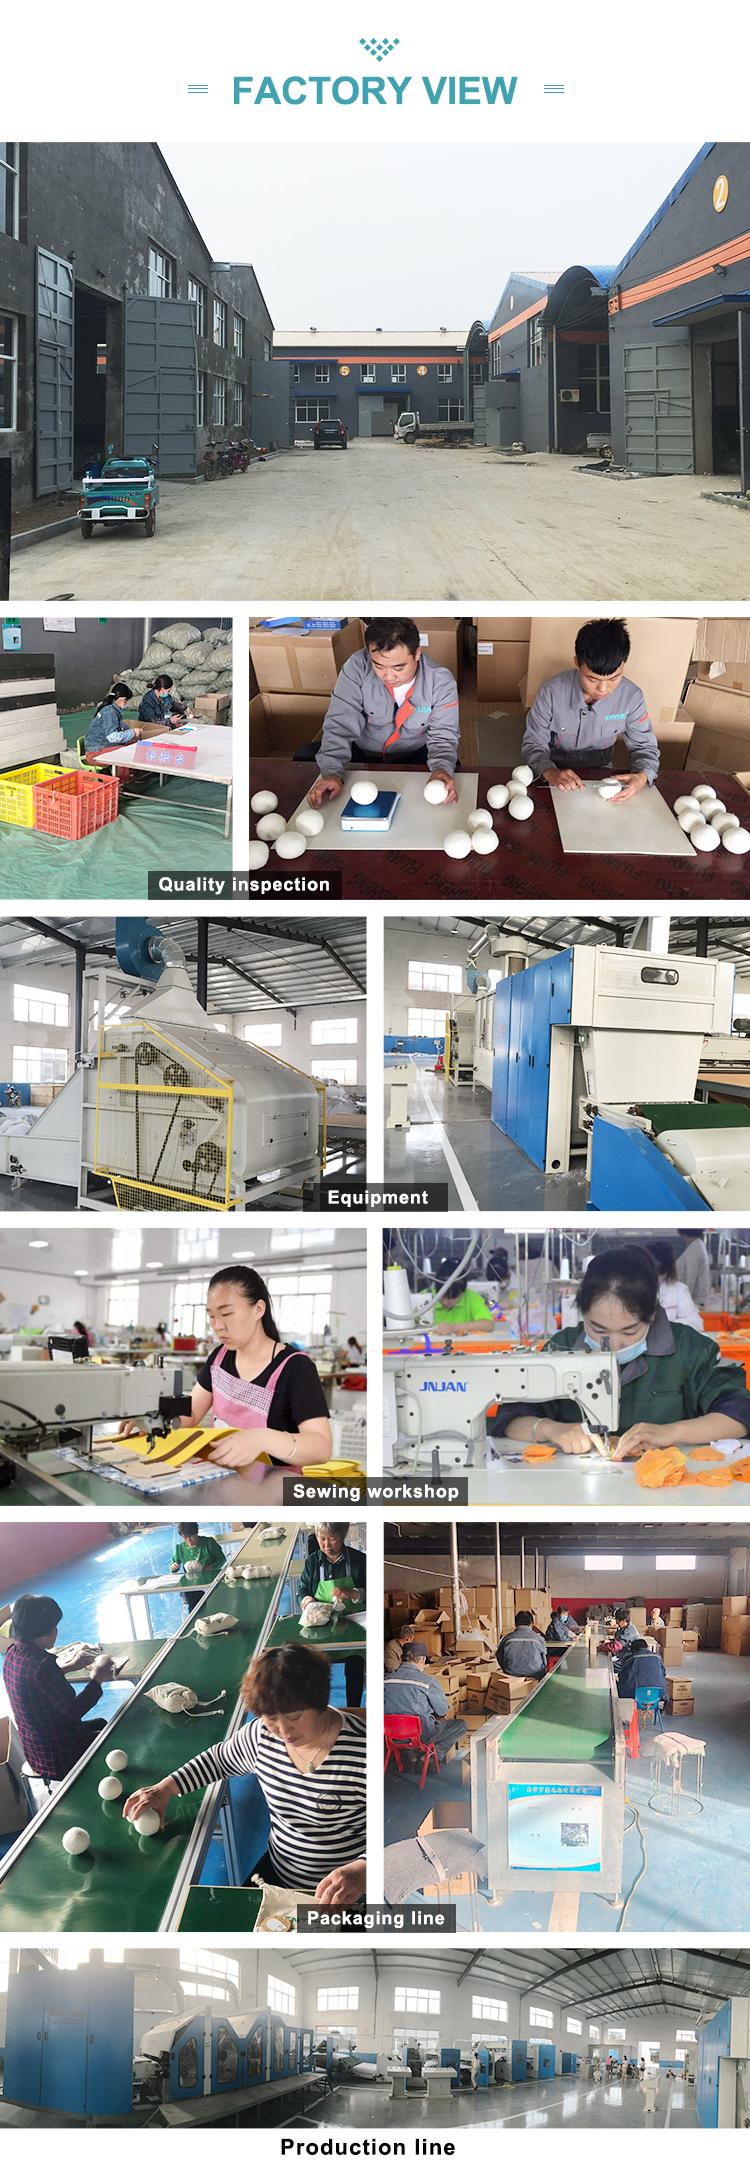 rolking felt factory